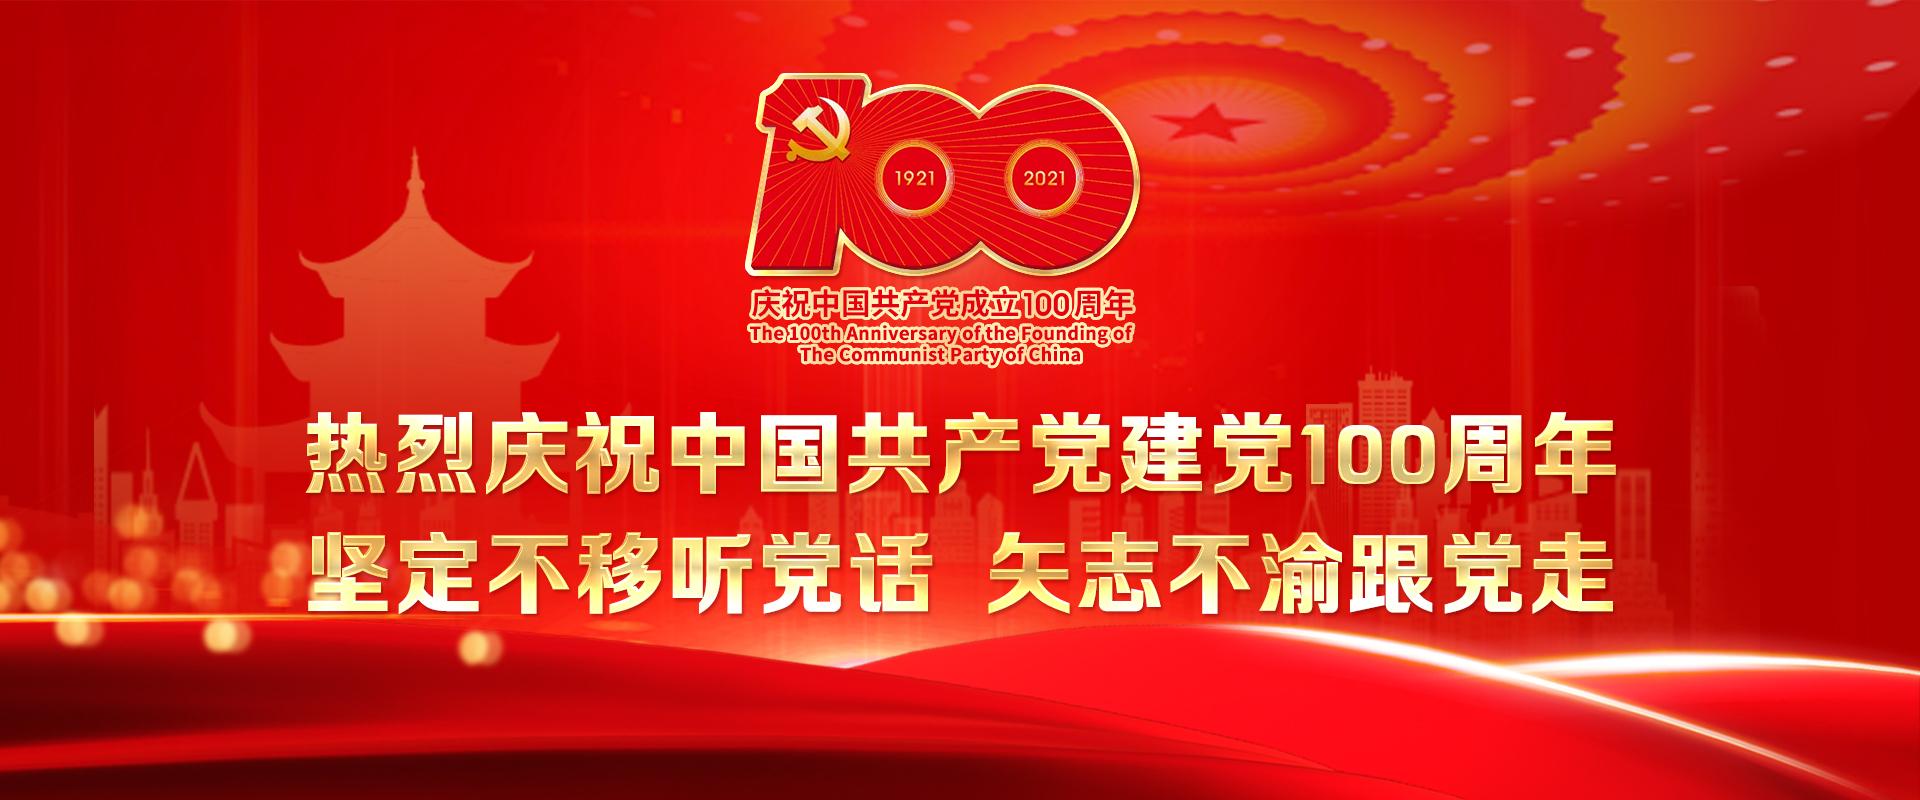 http://www.gzpool.cn/data/images/slide/20210701000122_319.jpg